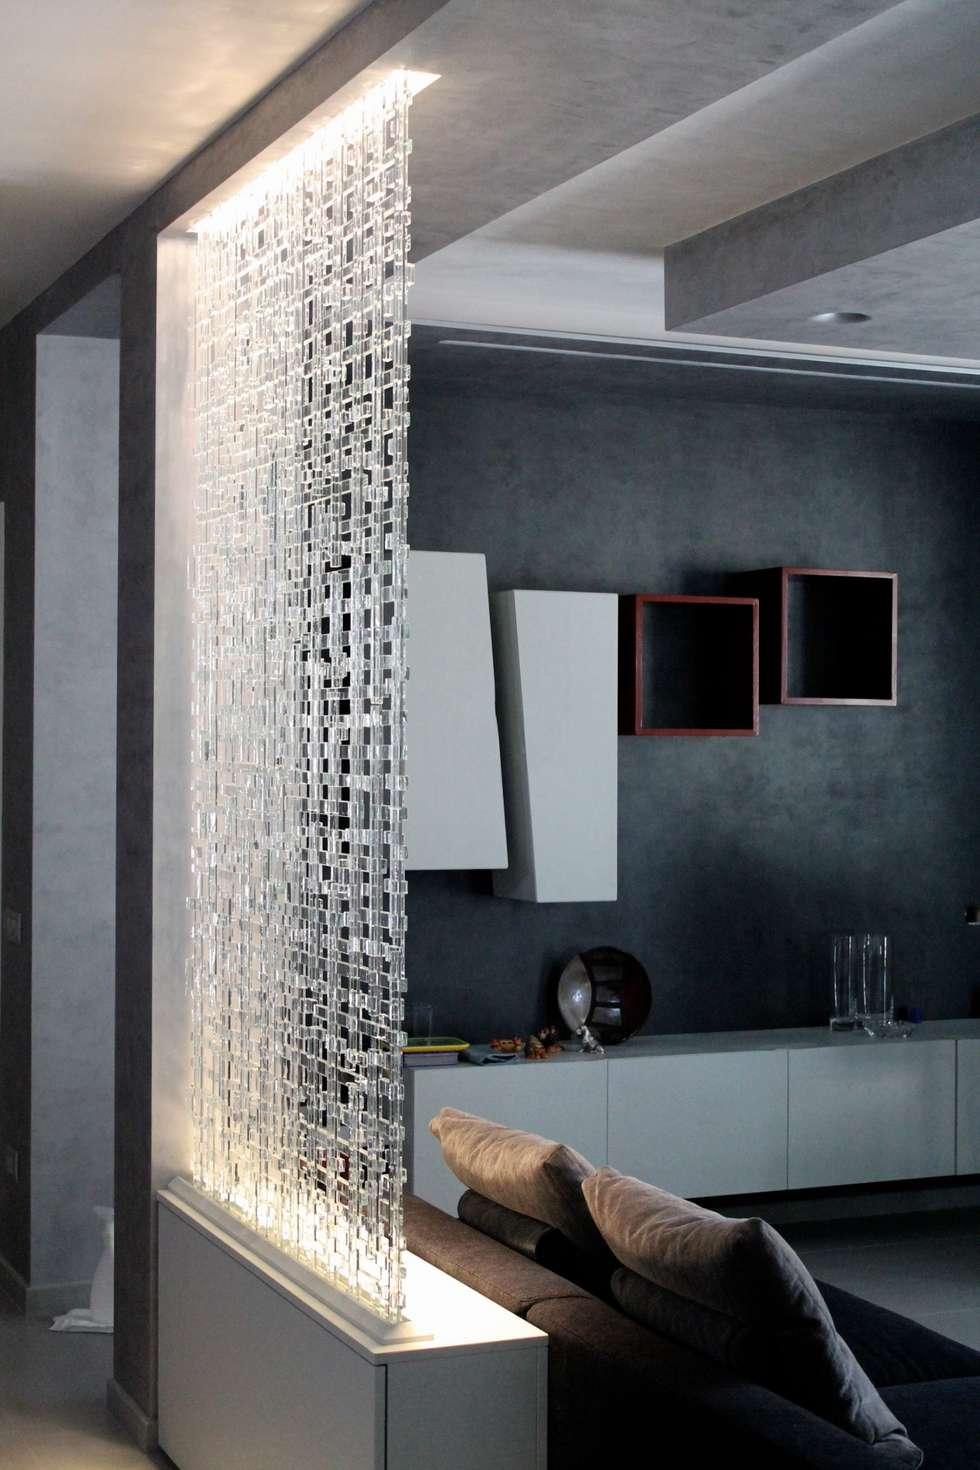 Idee arredamento casa interior design homify for Una casa nel cuore trama